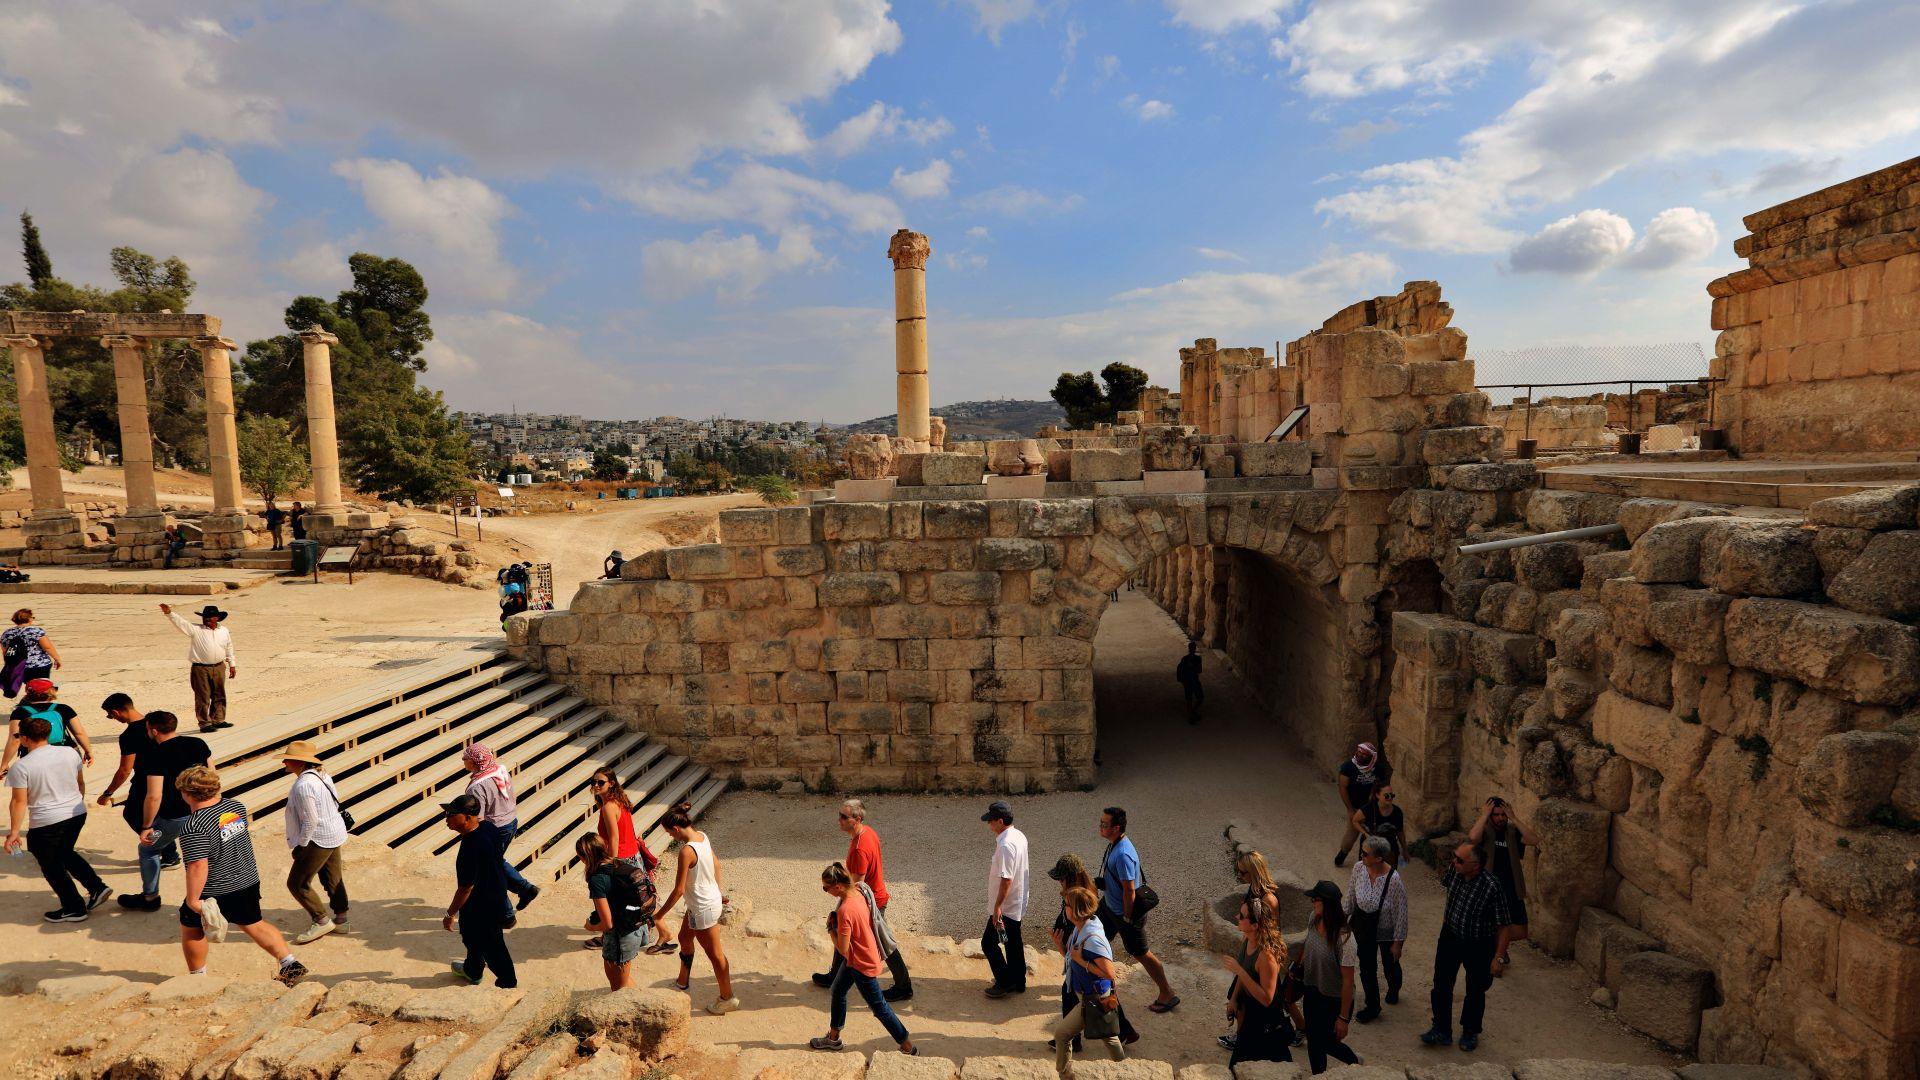 Осeм души бяха ранени при нападение с нож в туристически обект в Йордания (видео 18+)